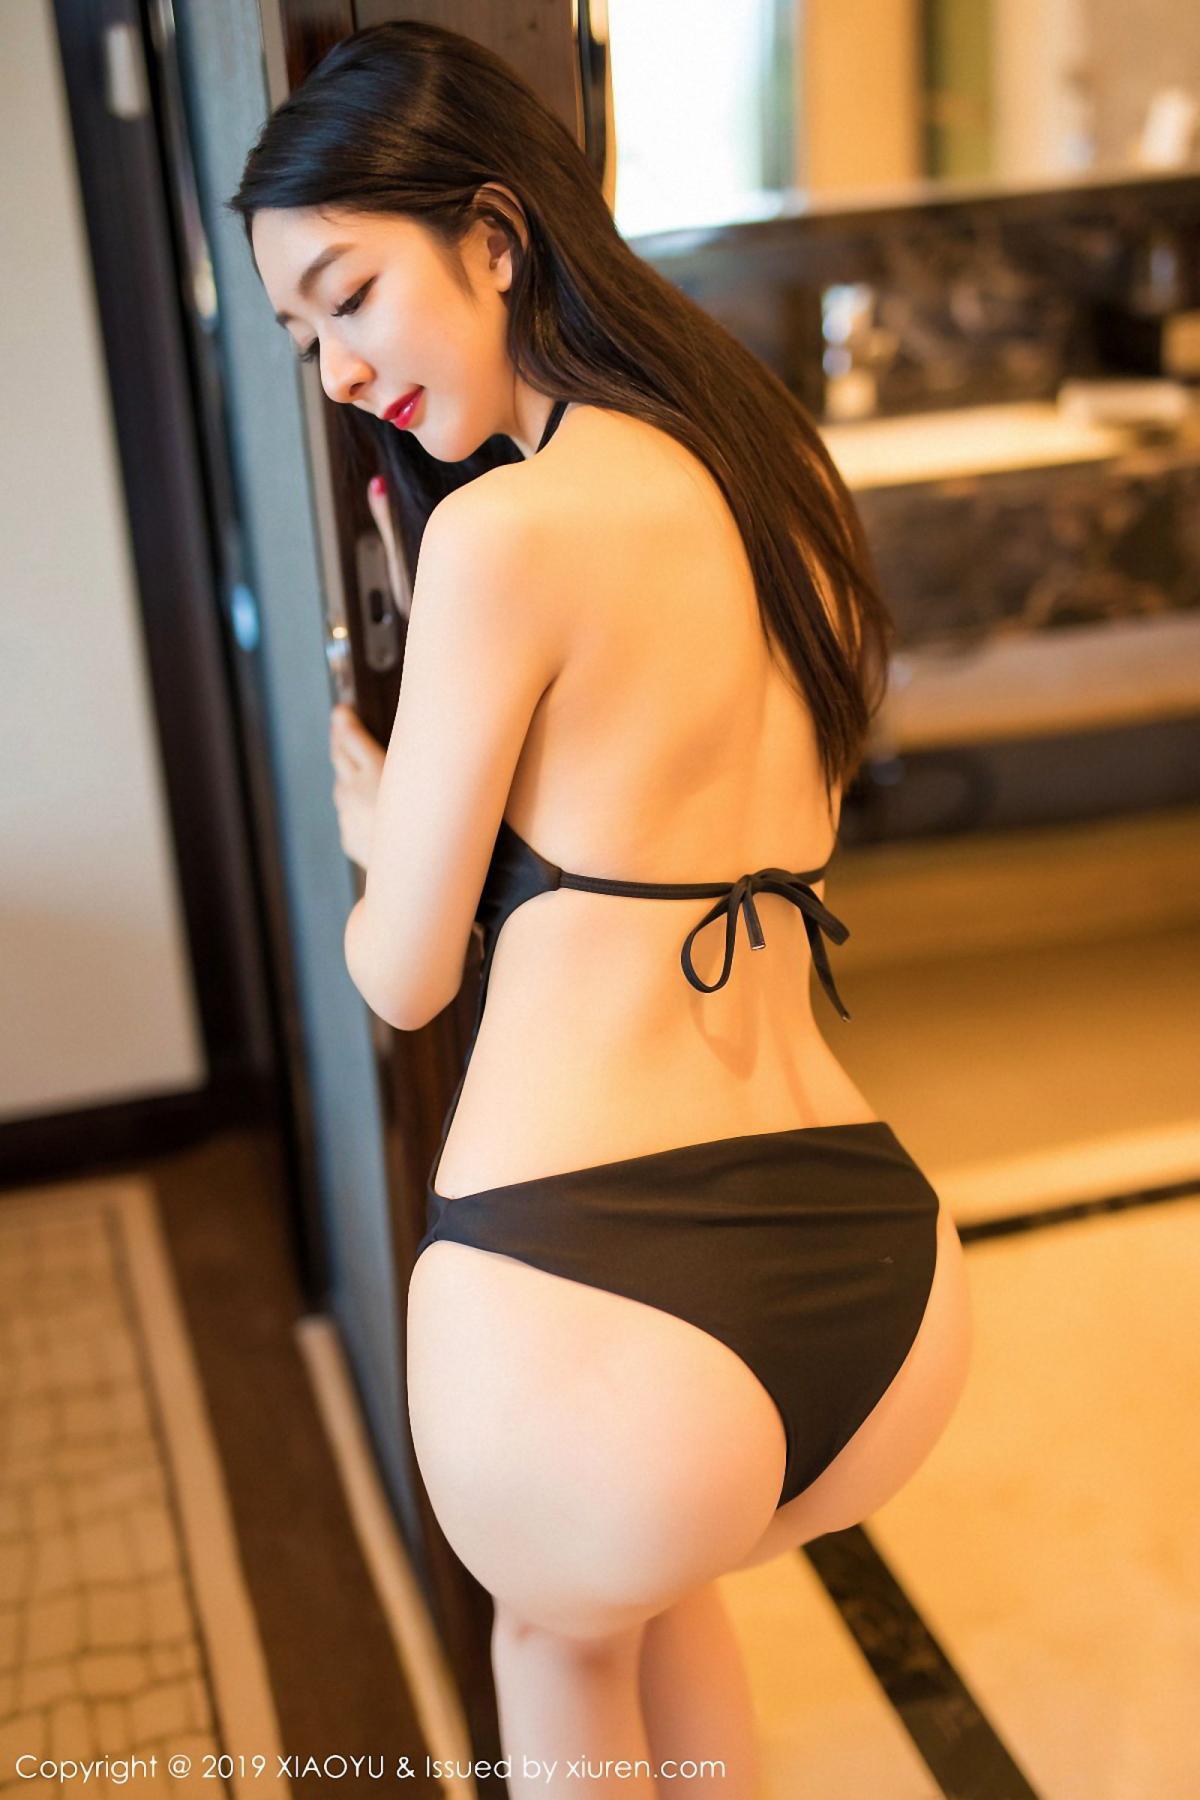 [XiaoYu] Vol.046 Angela Xi Huan Mao 12P, Di Yi, Tall, Underwear, XiaoYu